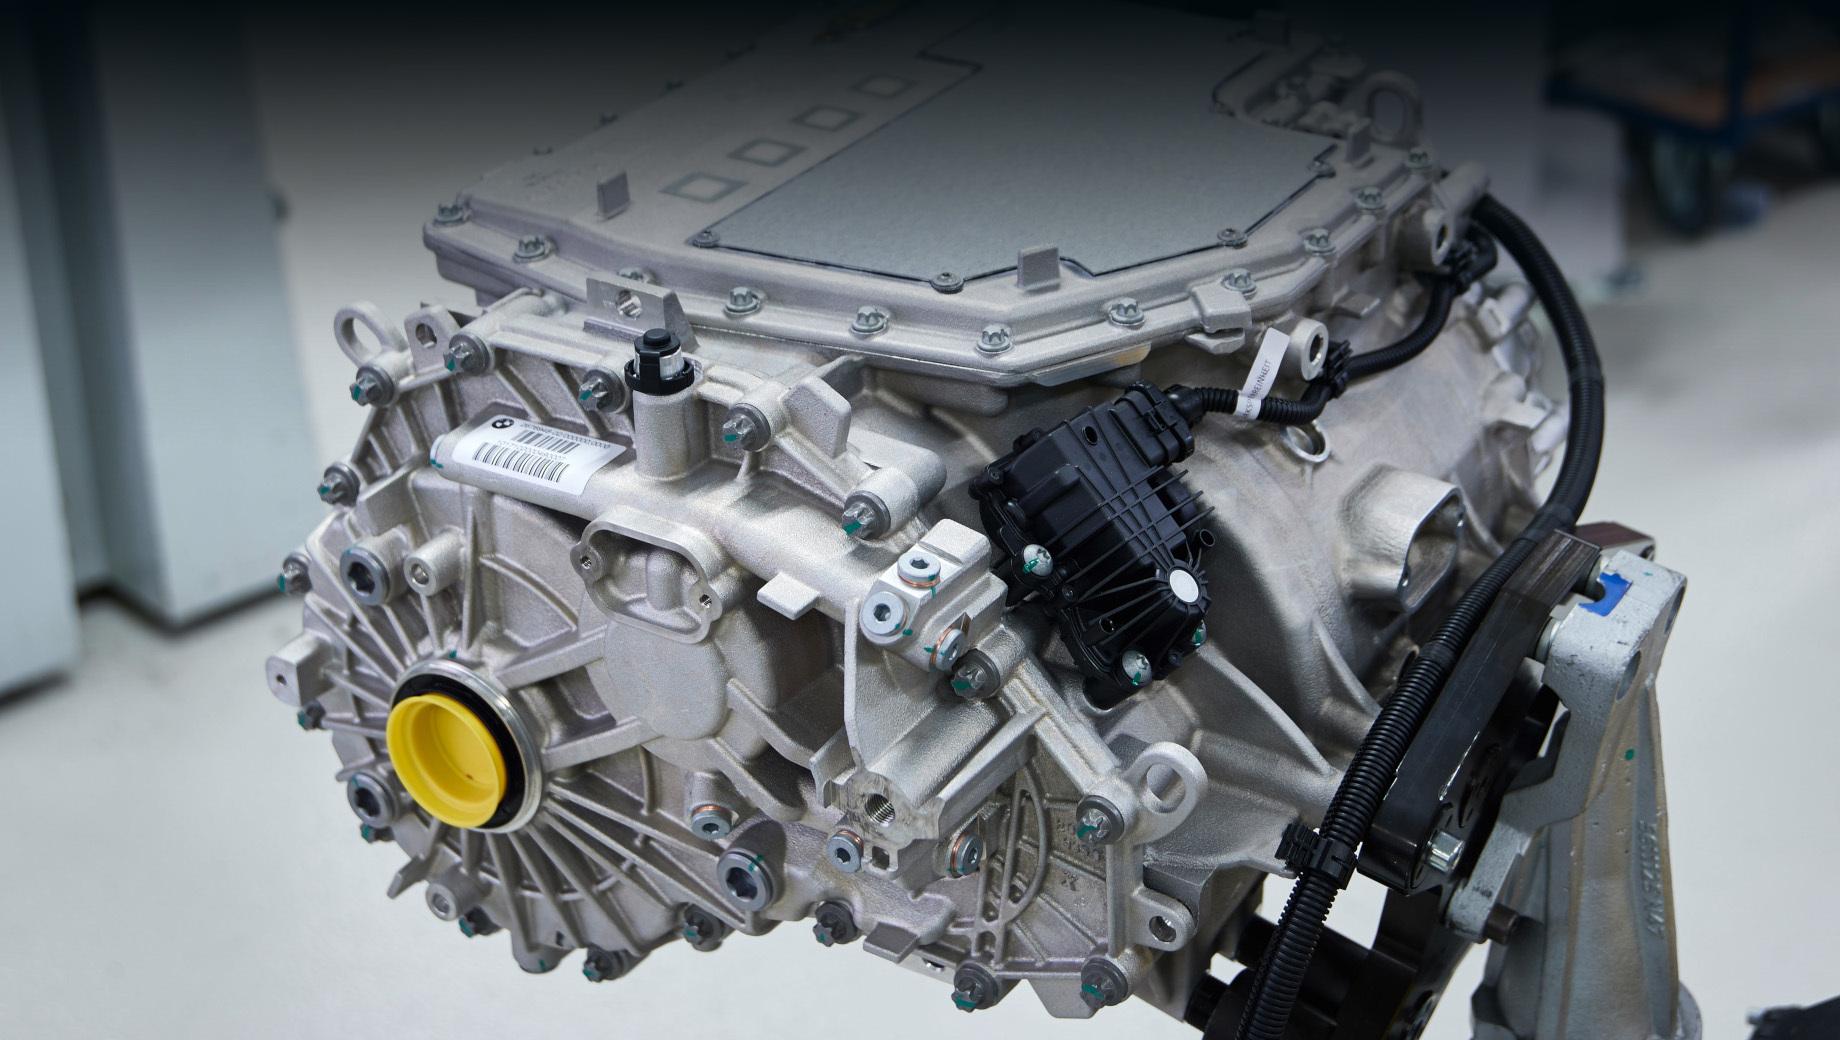 Bmw ix3. Задний модуль eDrive совмещает электромотор, редуктор и силовую электронику. Данные из китайского министерства промышленности подтверждают ранее озвученные параметры отдачи двигателя: 286 л.с. и 400 Н•м.